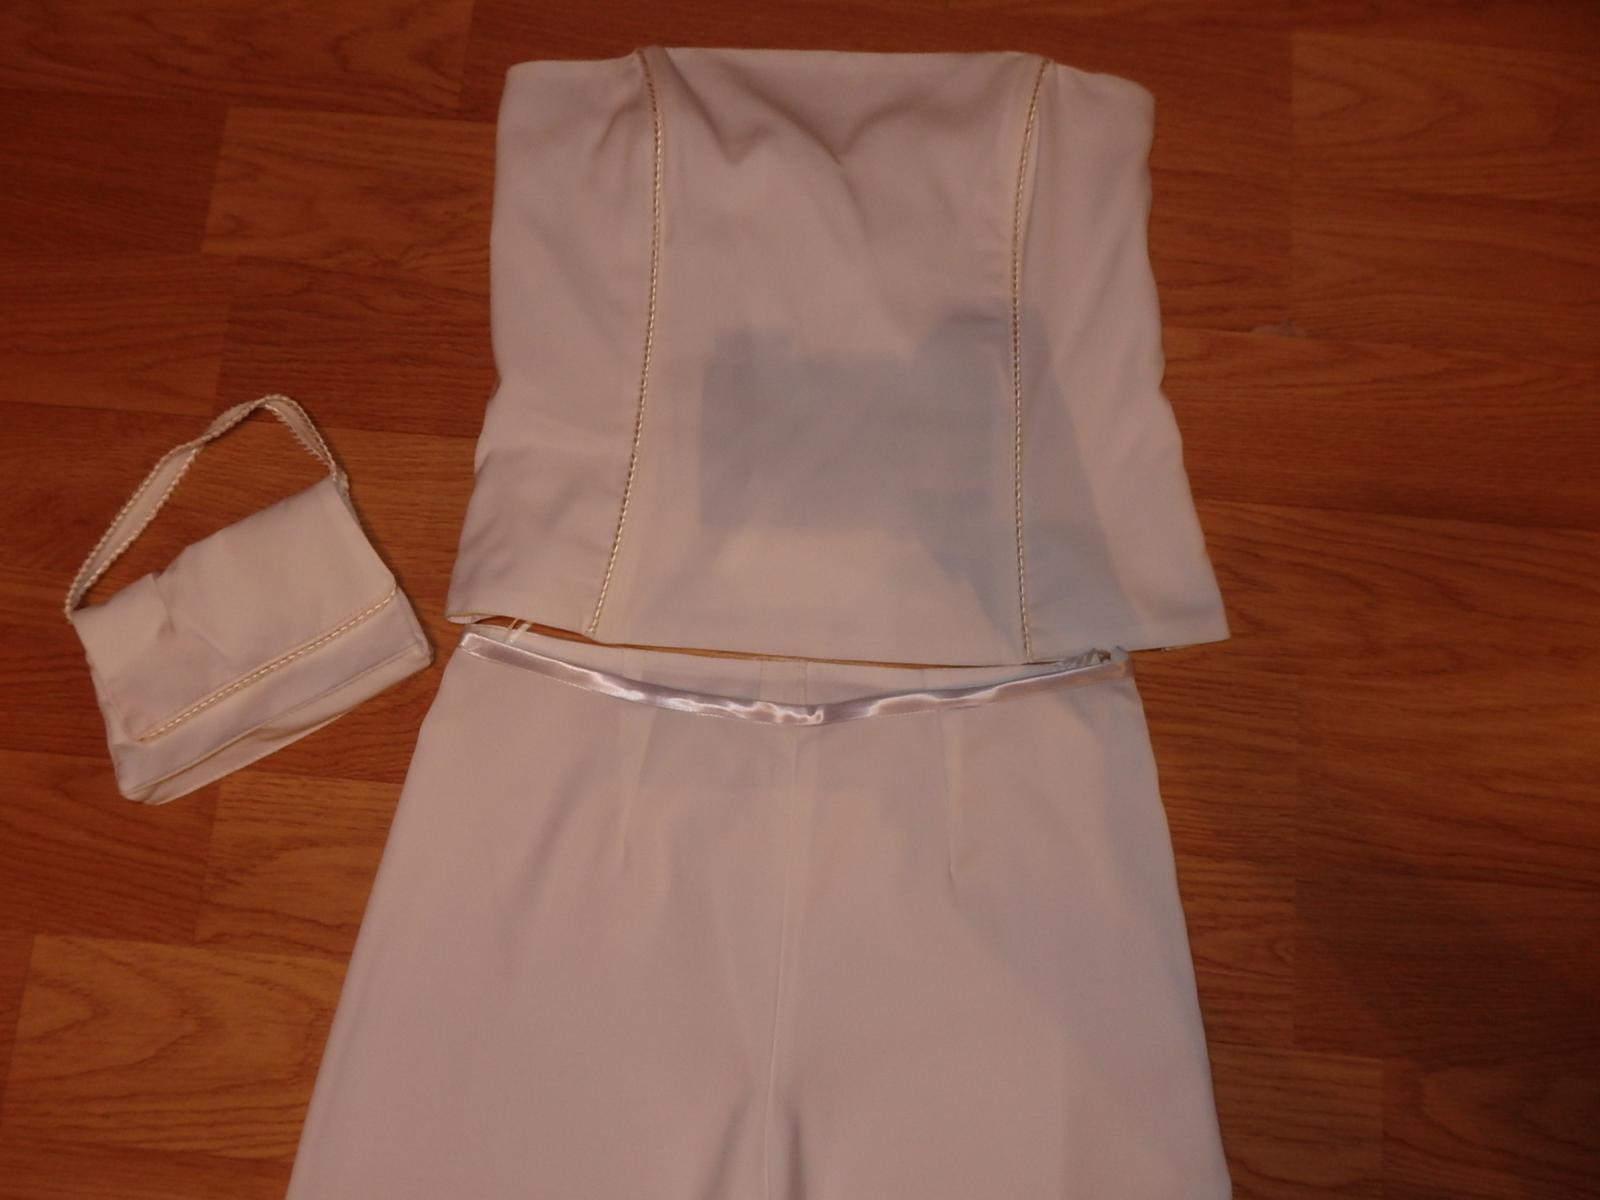 biely nohavicový kostým - Obrázok č. 2